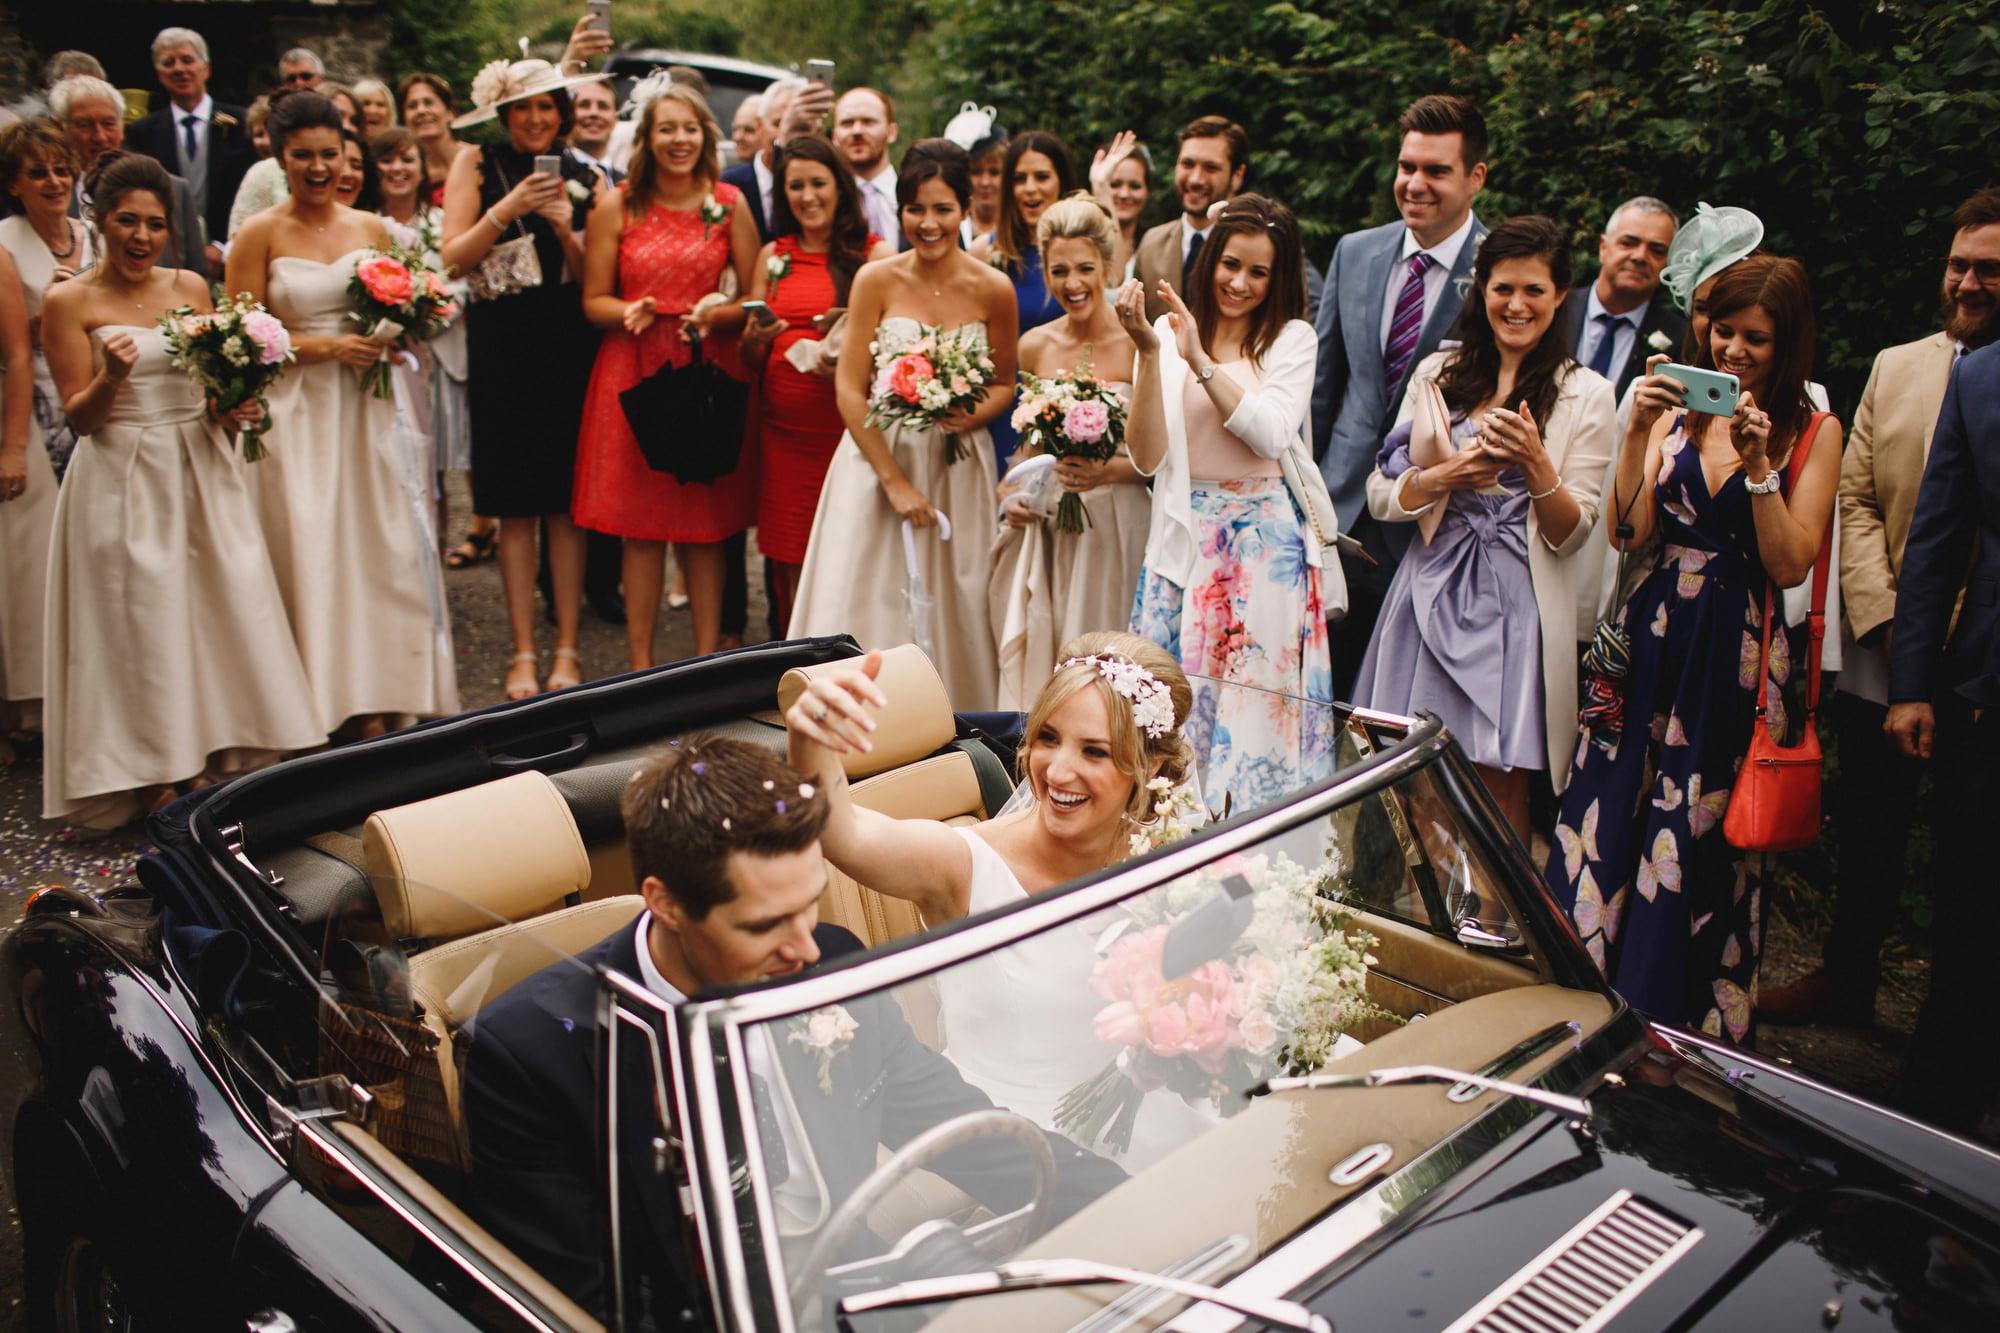 Wales wedding photography UK - Llangoed Hall